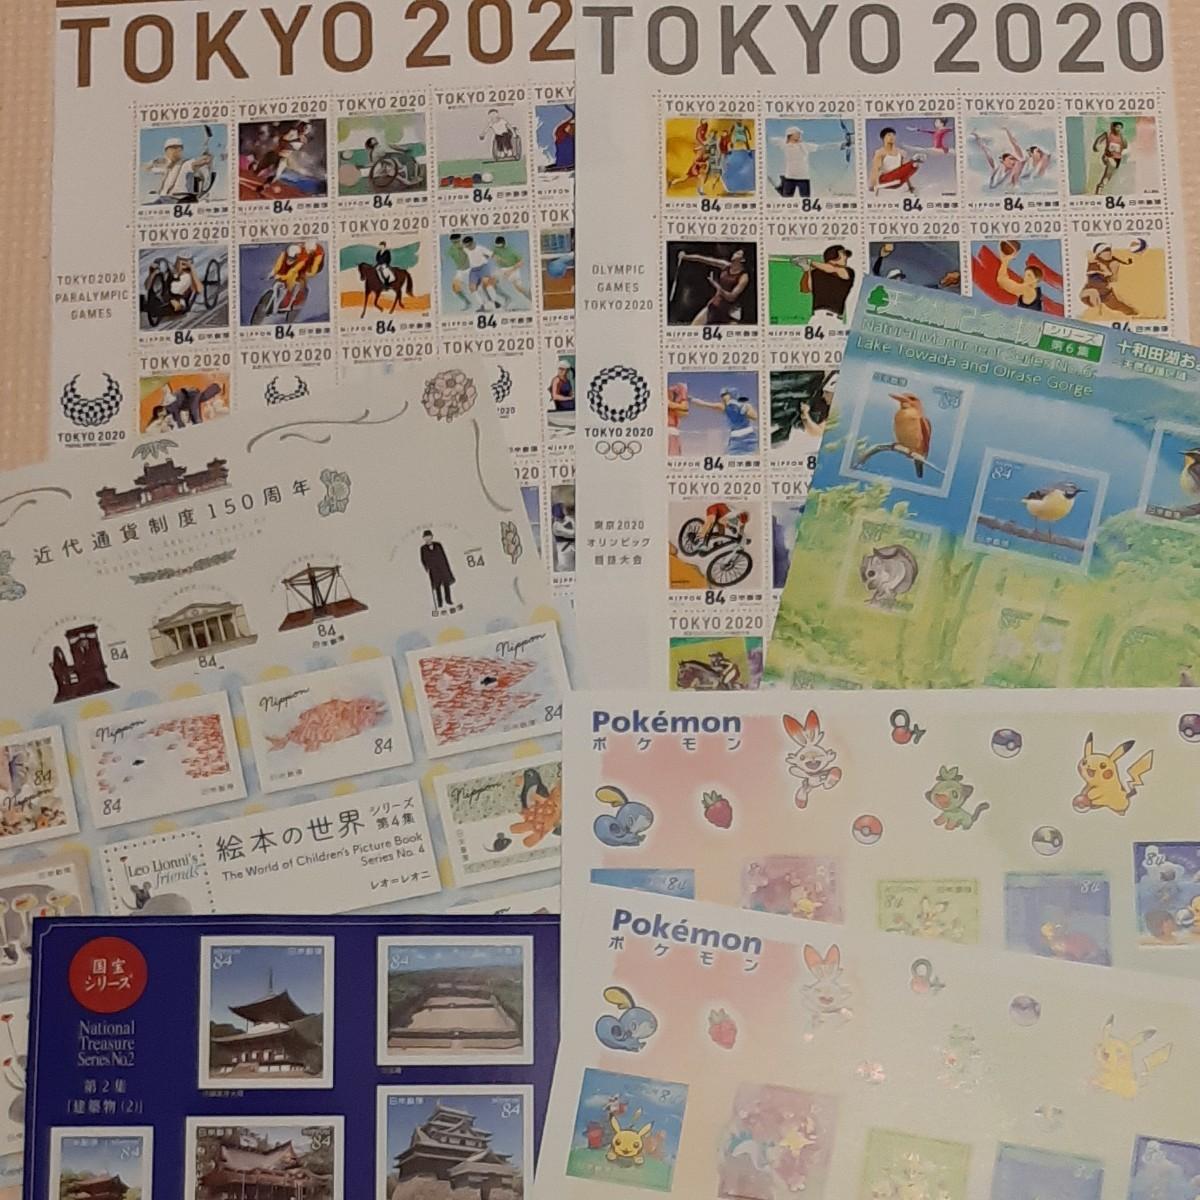 記念切手 シート 切手 9,240分  東京2020 オリンピック 全て84円